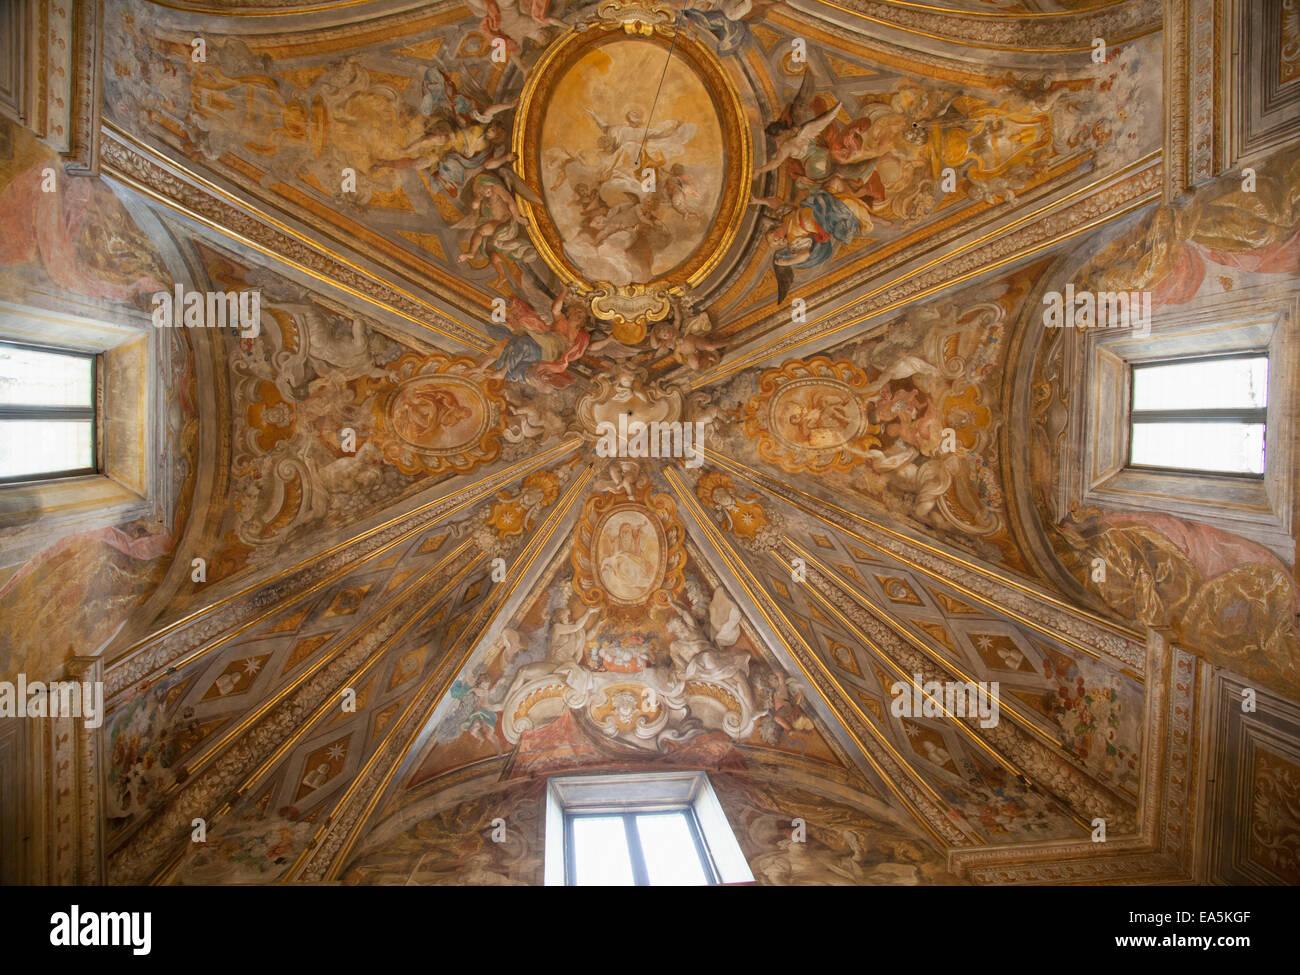 Ceiling of Oratorio di San Giuseppe, Urbino (UNESCO World Heritage Site), Le Marche, Italy - Stock Image